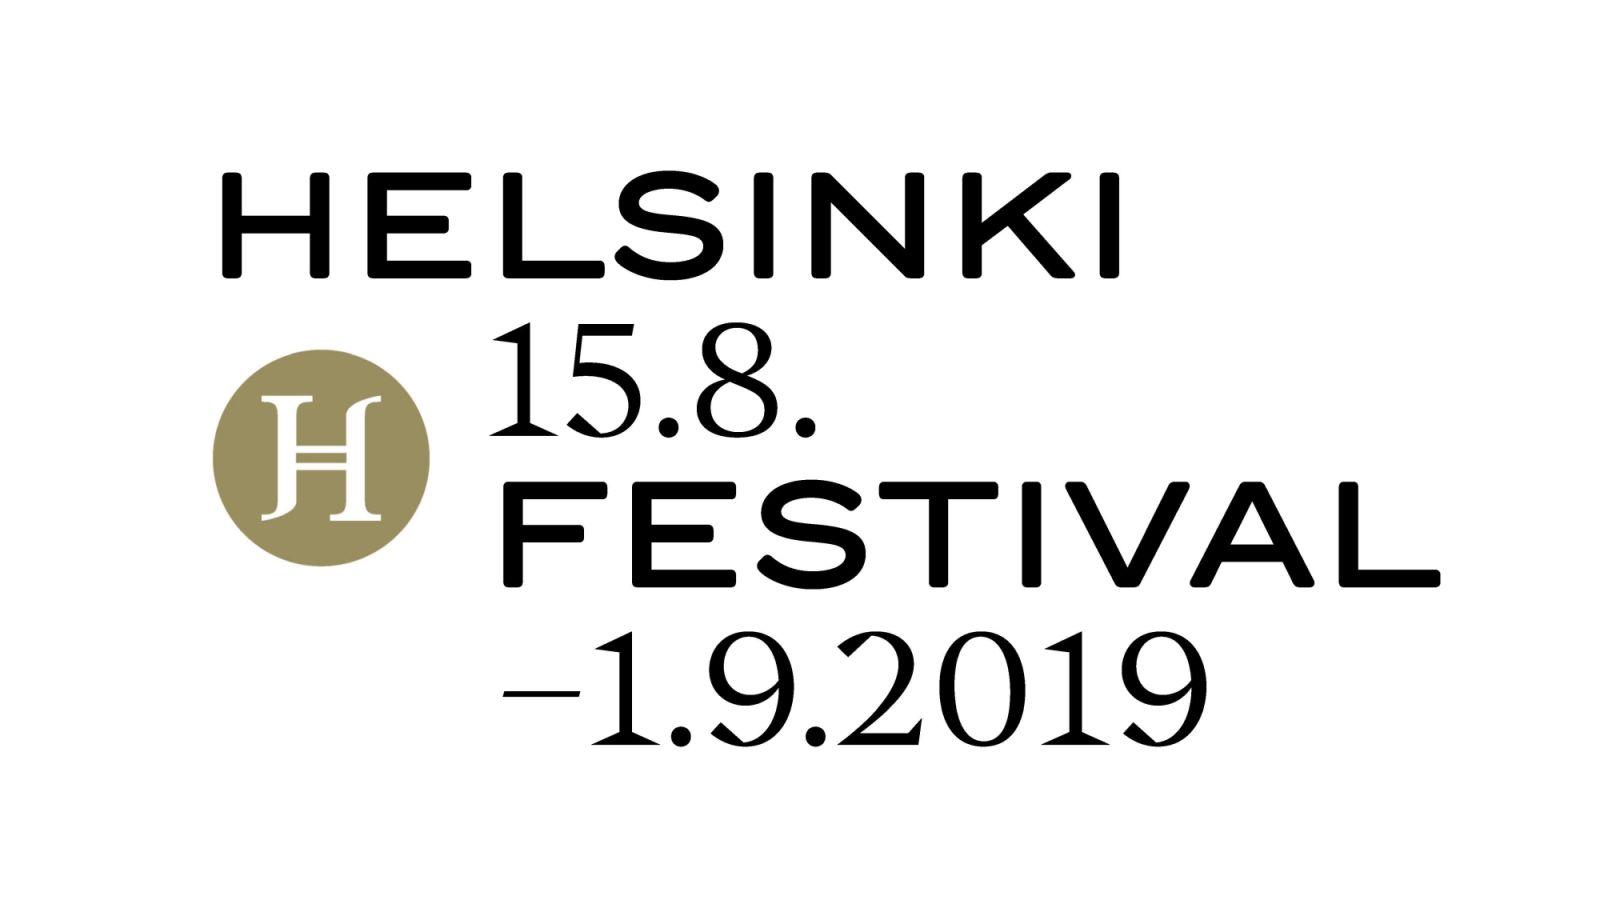 Helsingin juhlaviikot on Suomen suurin monitaidefestivaali, joka järjestetään vuosittain elo-syyskuun vaihteessa. Juhlaviikkojen tehtävänä on tarjota laajalle kotimaiselle ja ulkomaiselle yleisölle ainutlaatuisia taide-elämyksiä.